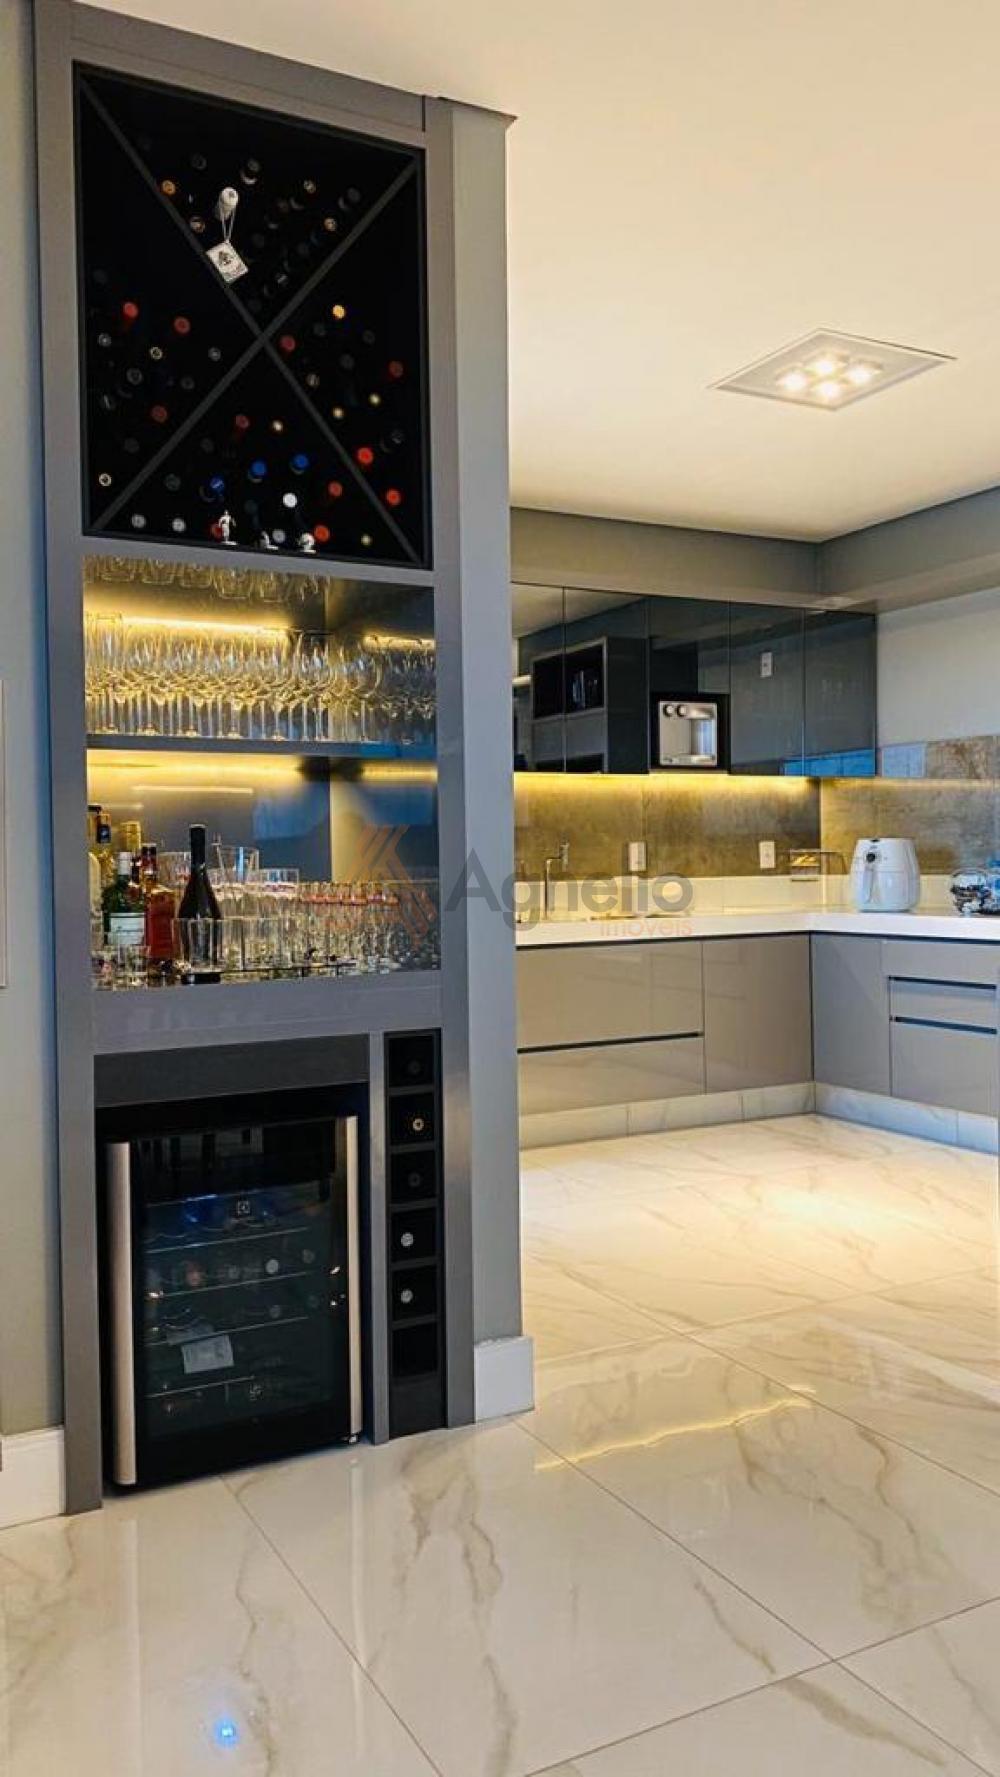 Comprar Apartamento / Padrão em Franca R$ 1.300.000,00 - Foto 5